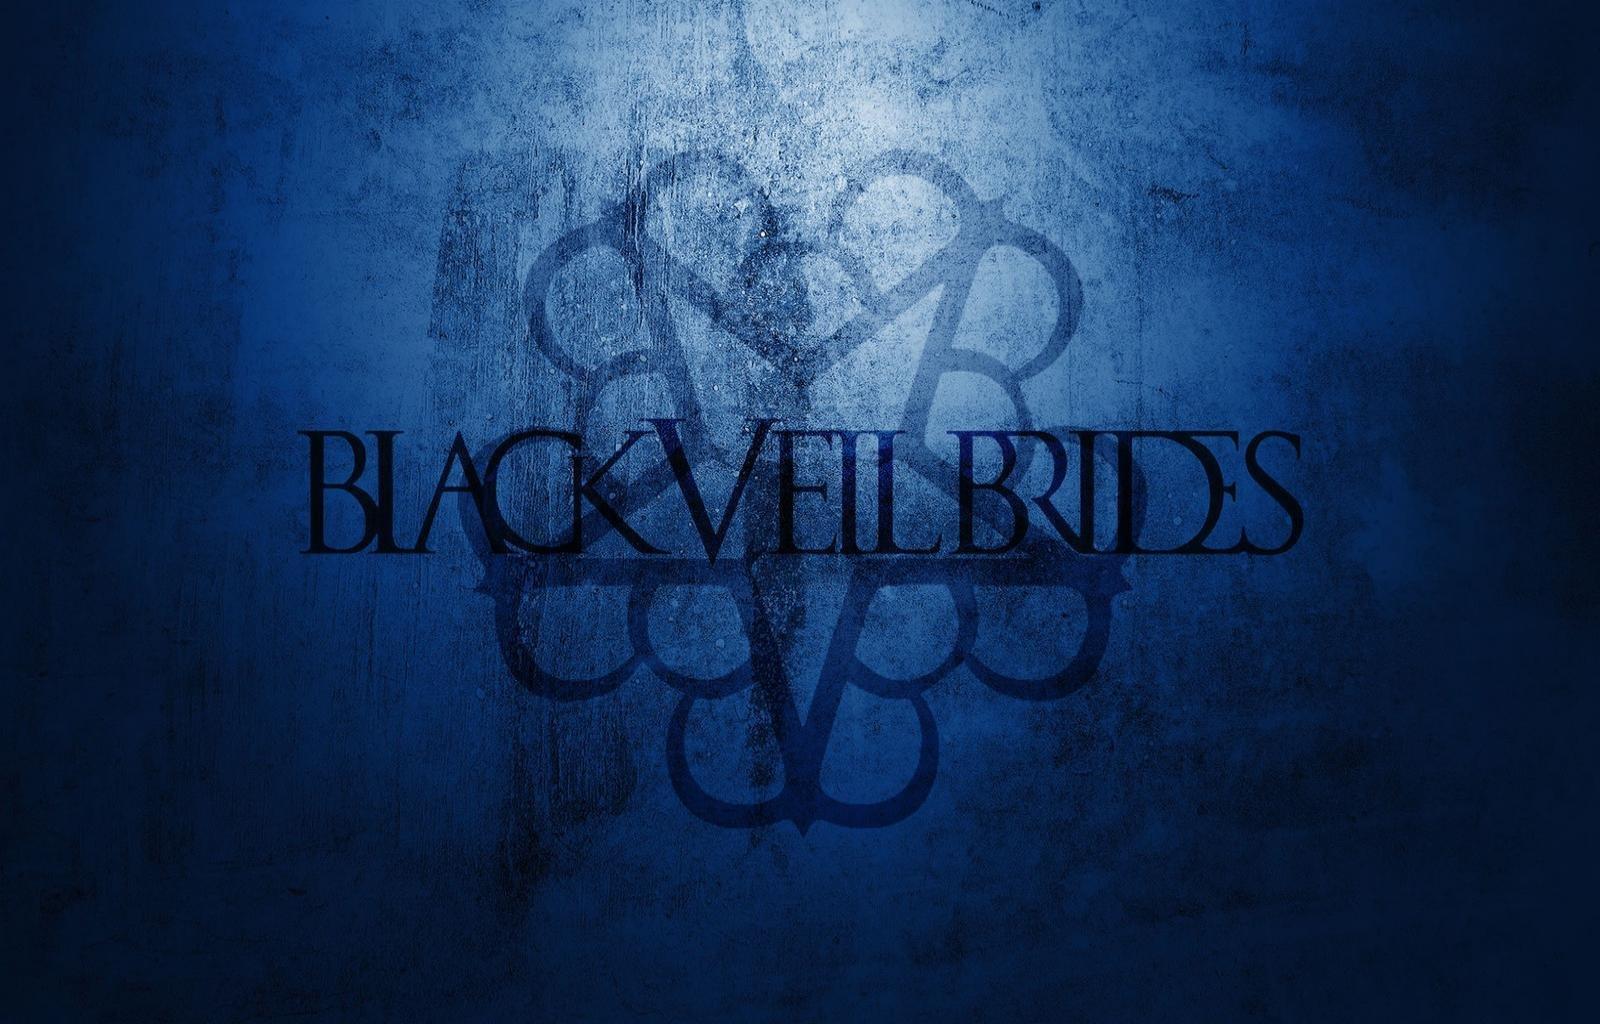 Black Veil Brides Wallpapers Hd For Desktop Backgrounds